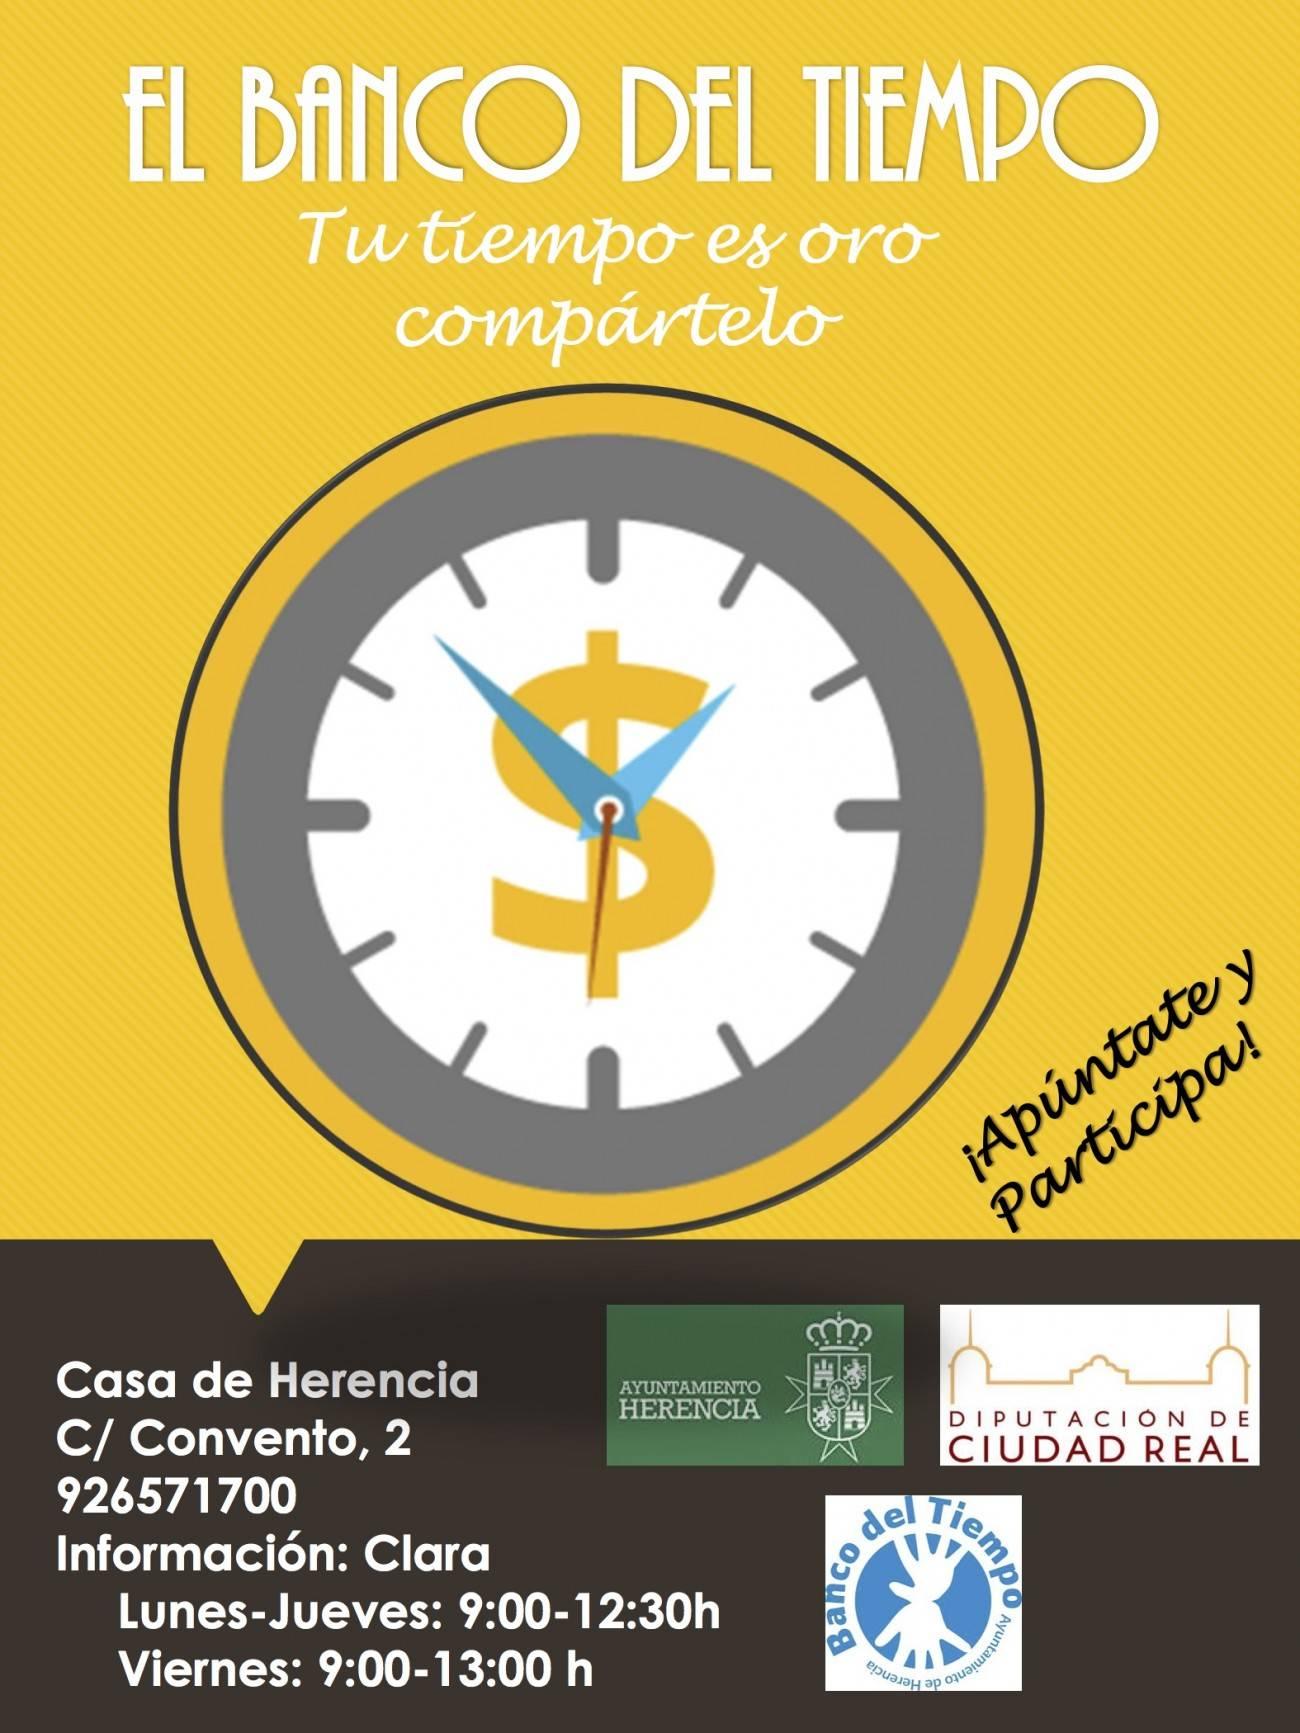 Banco del tiempo de Herencia